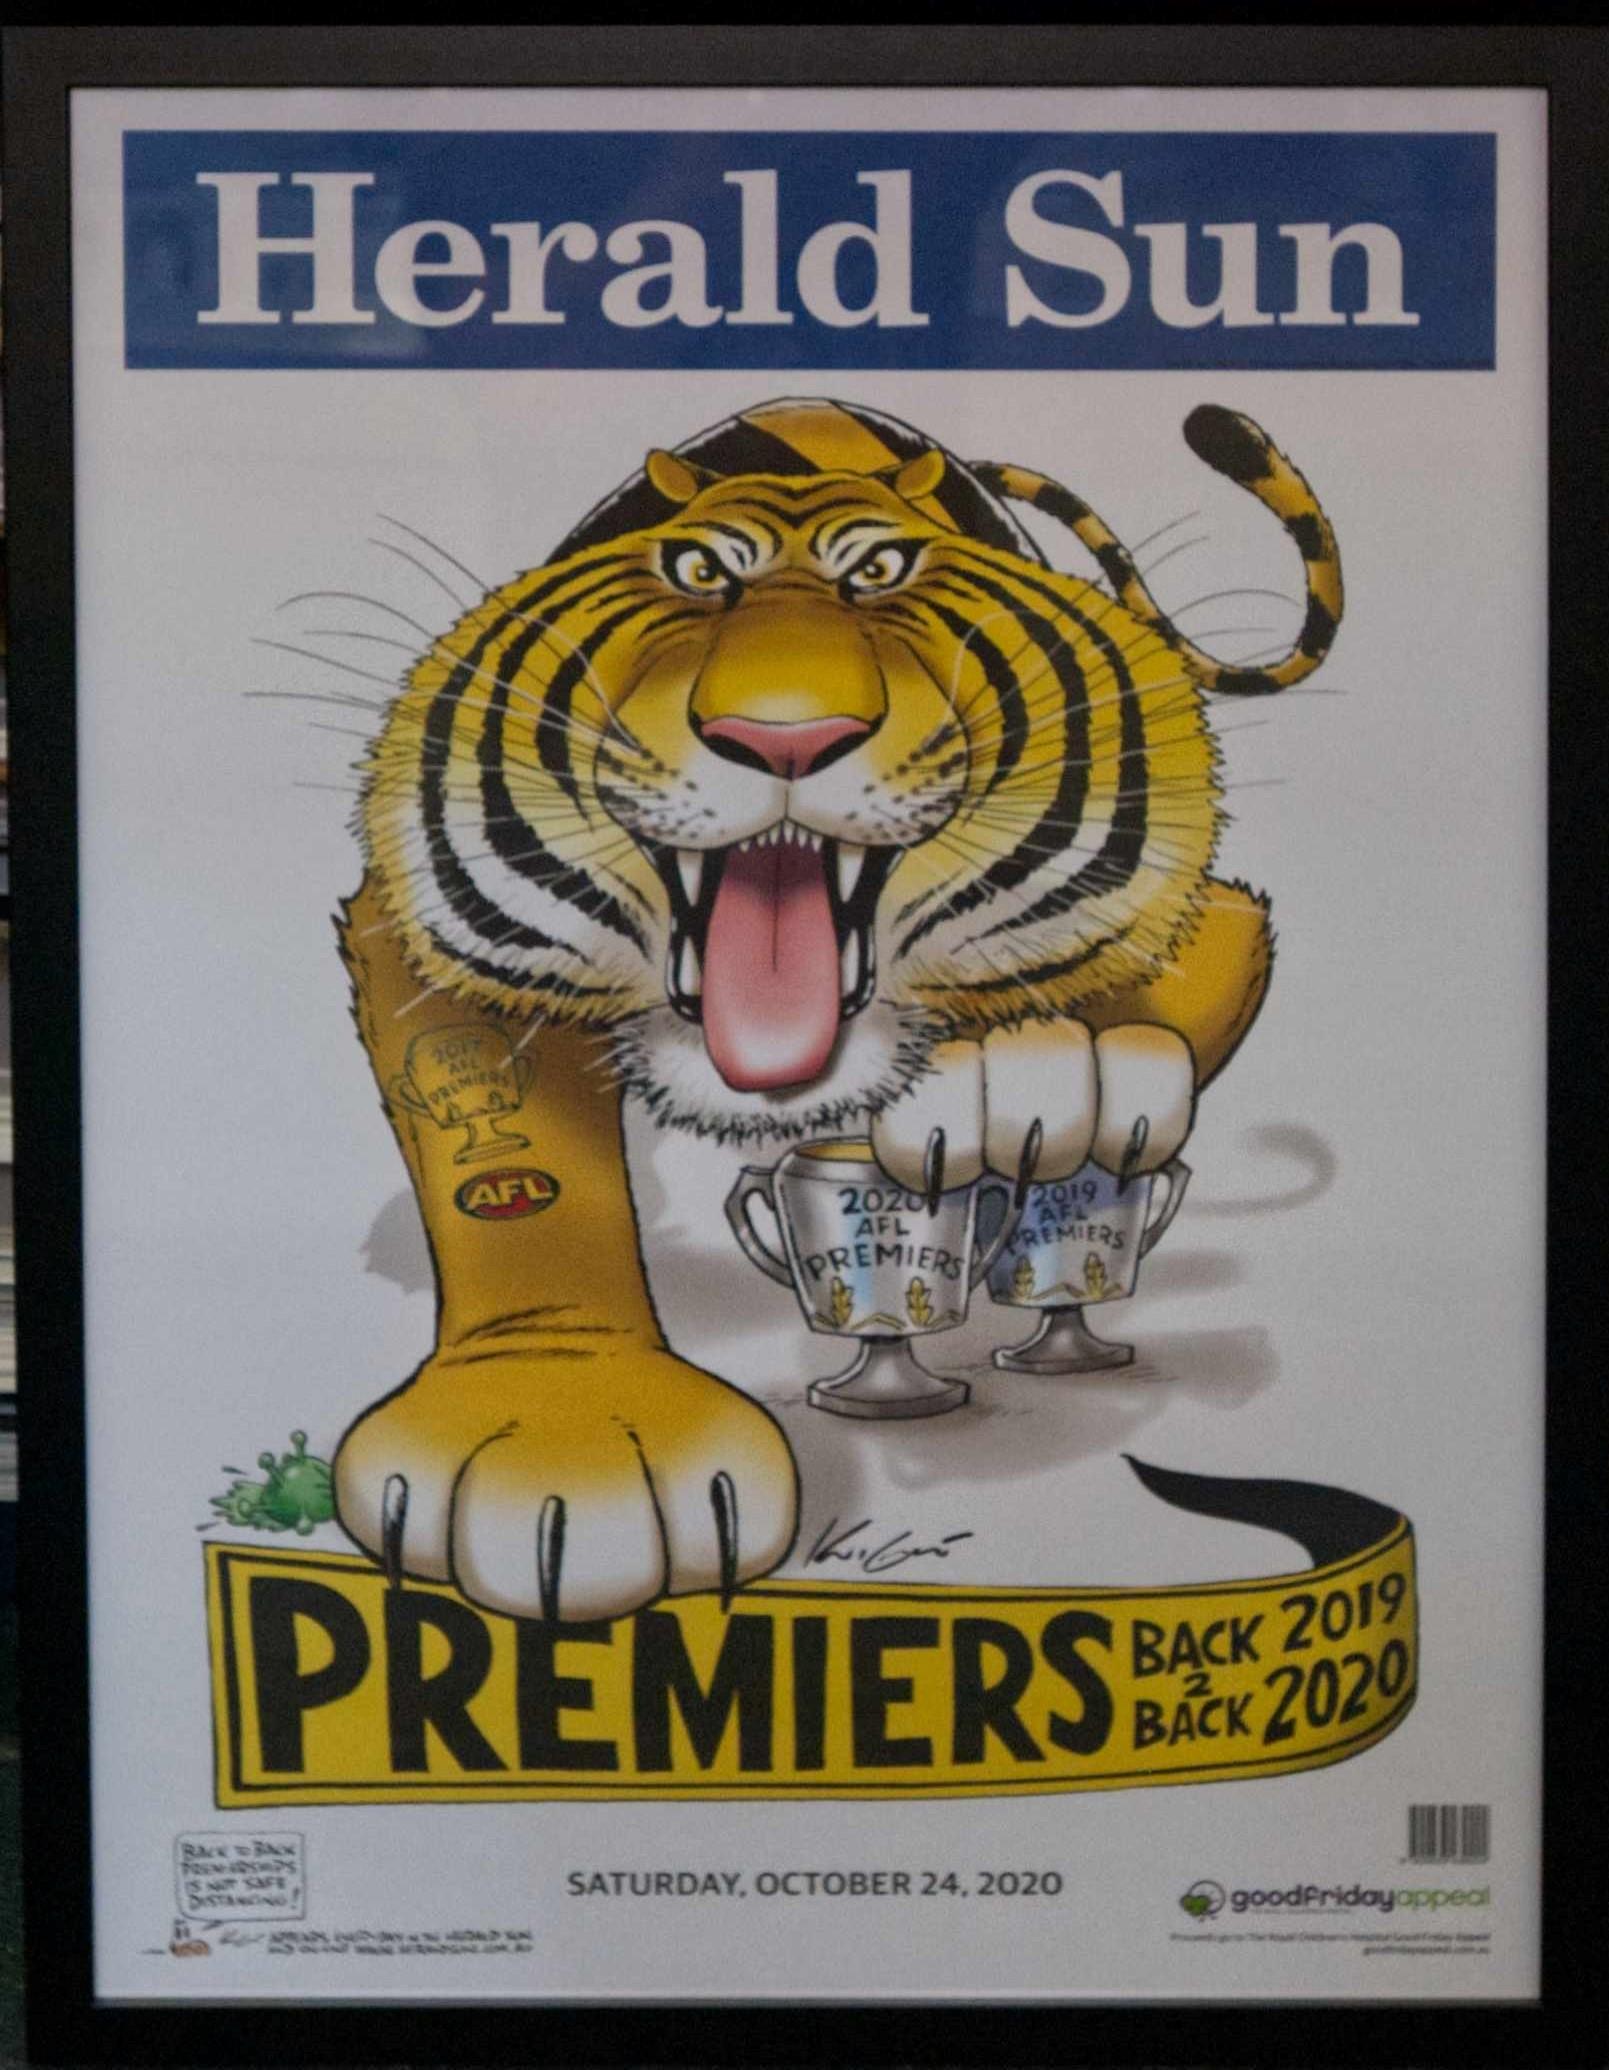 Framed Tigers Premiership Poster for sale $130.